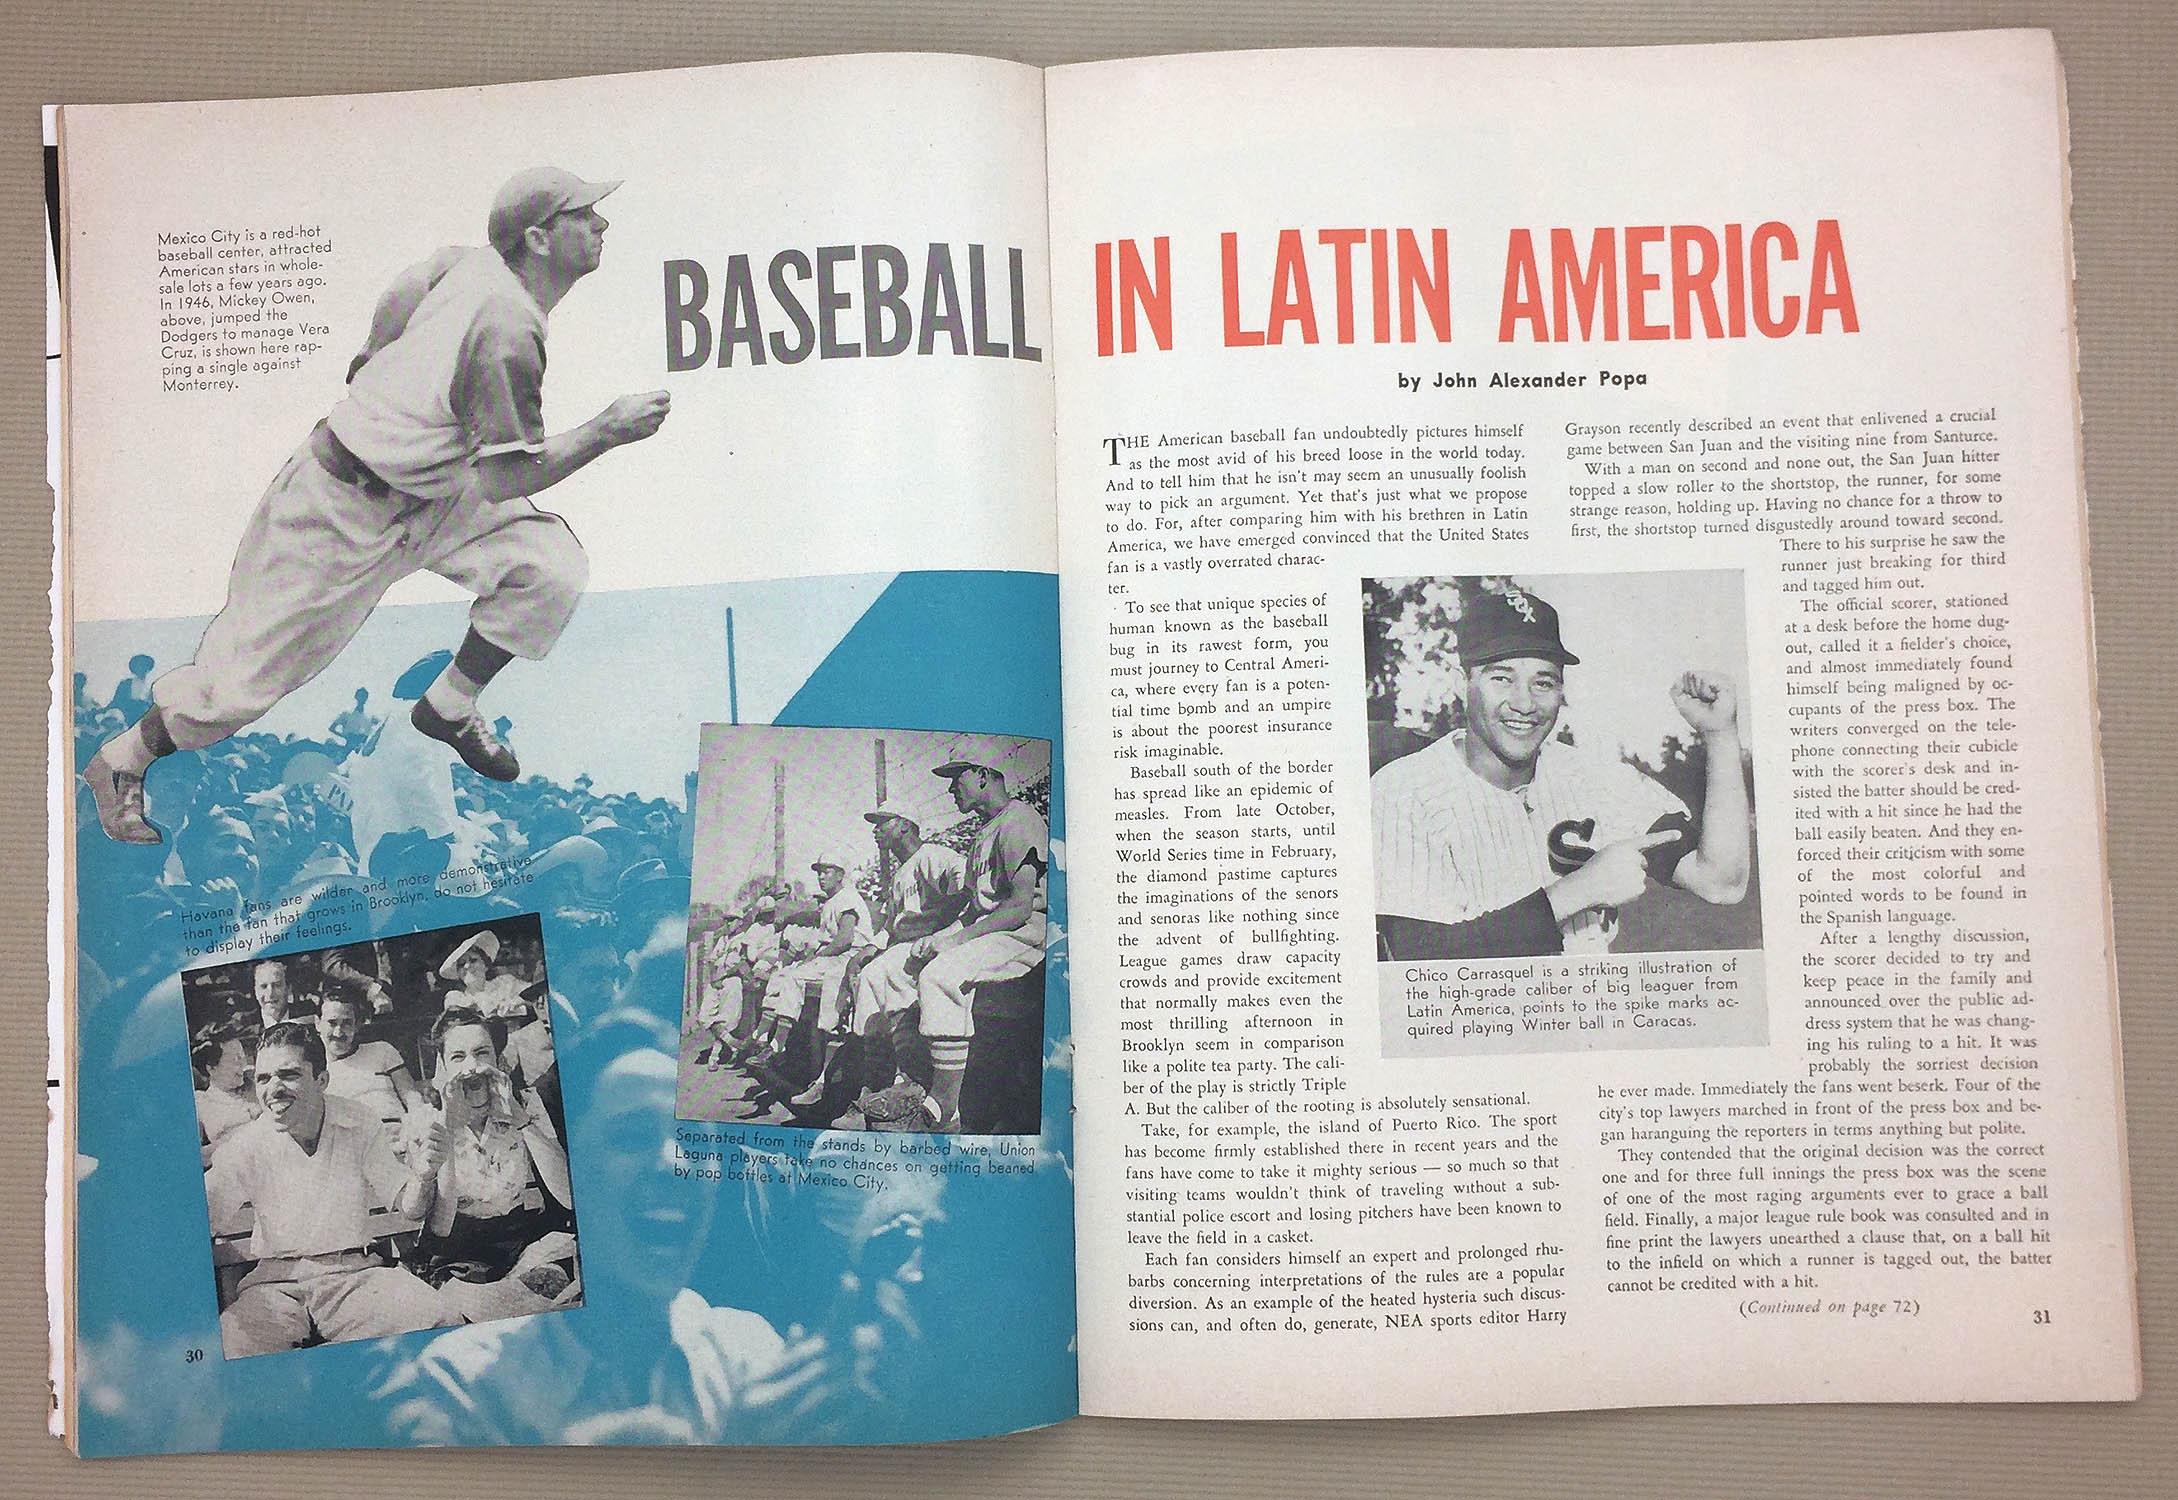 Baseball in Latin America 1952